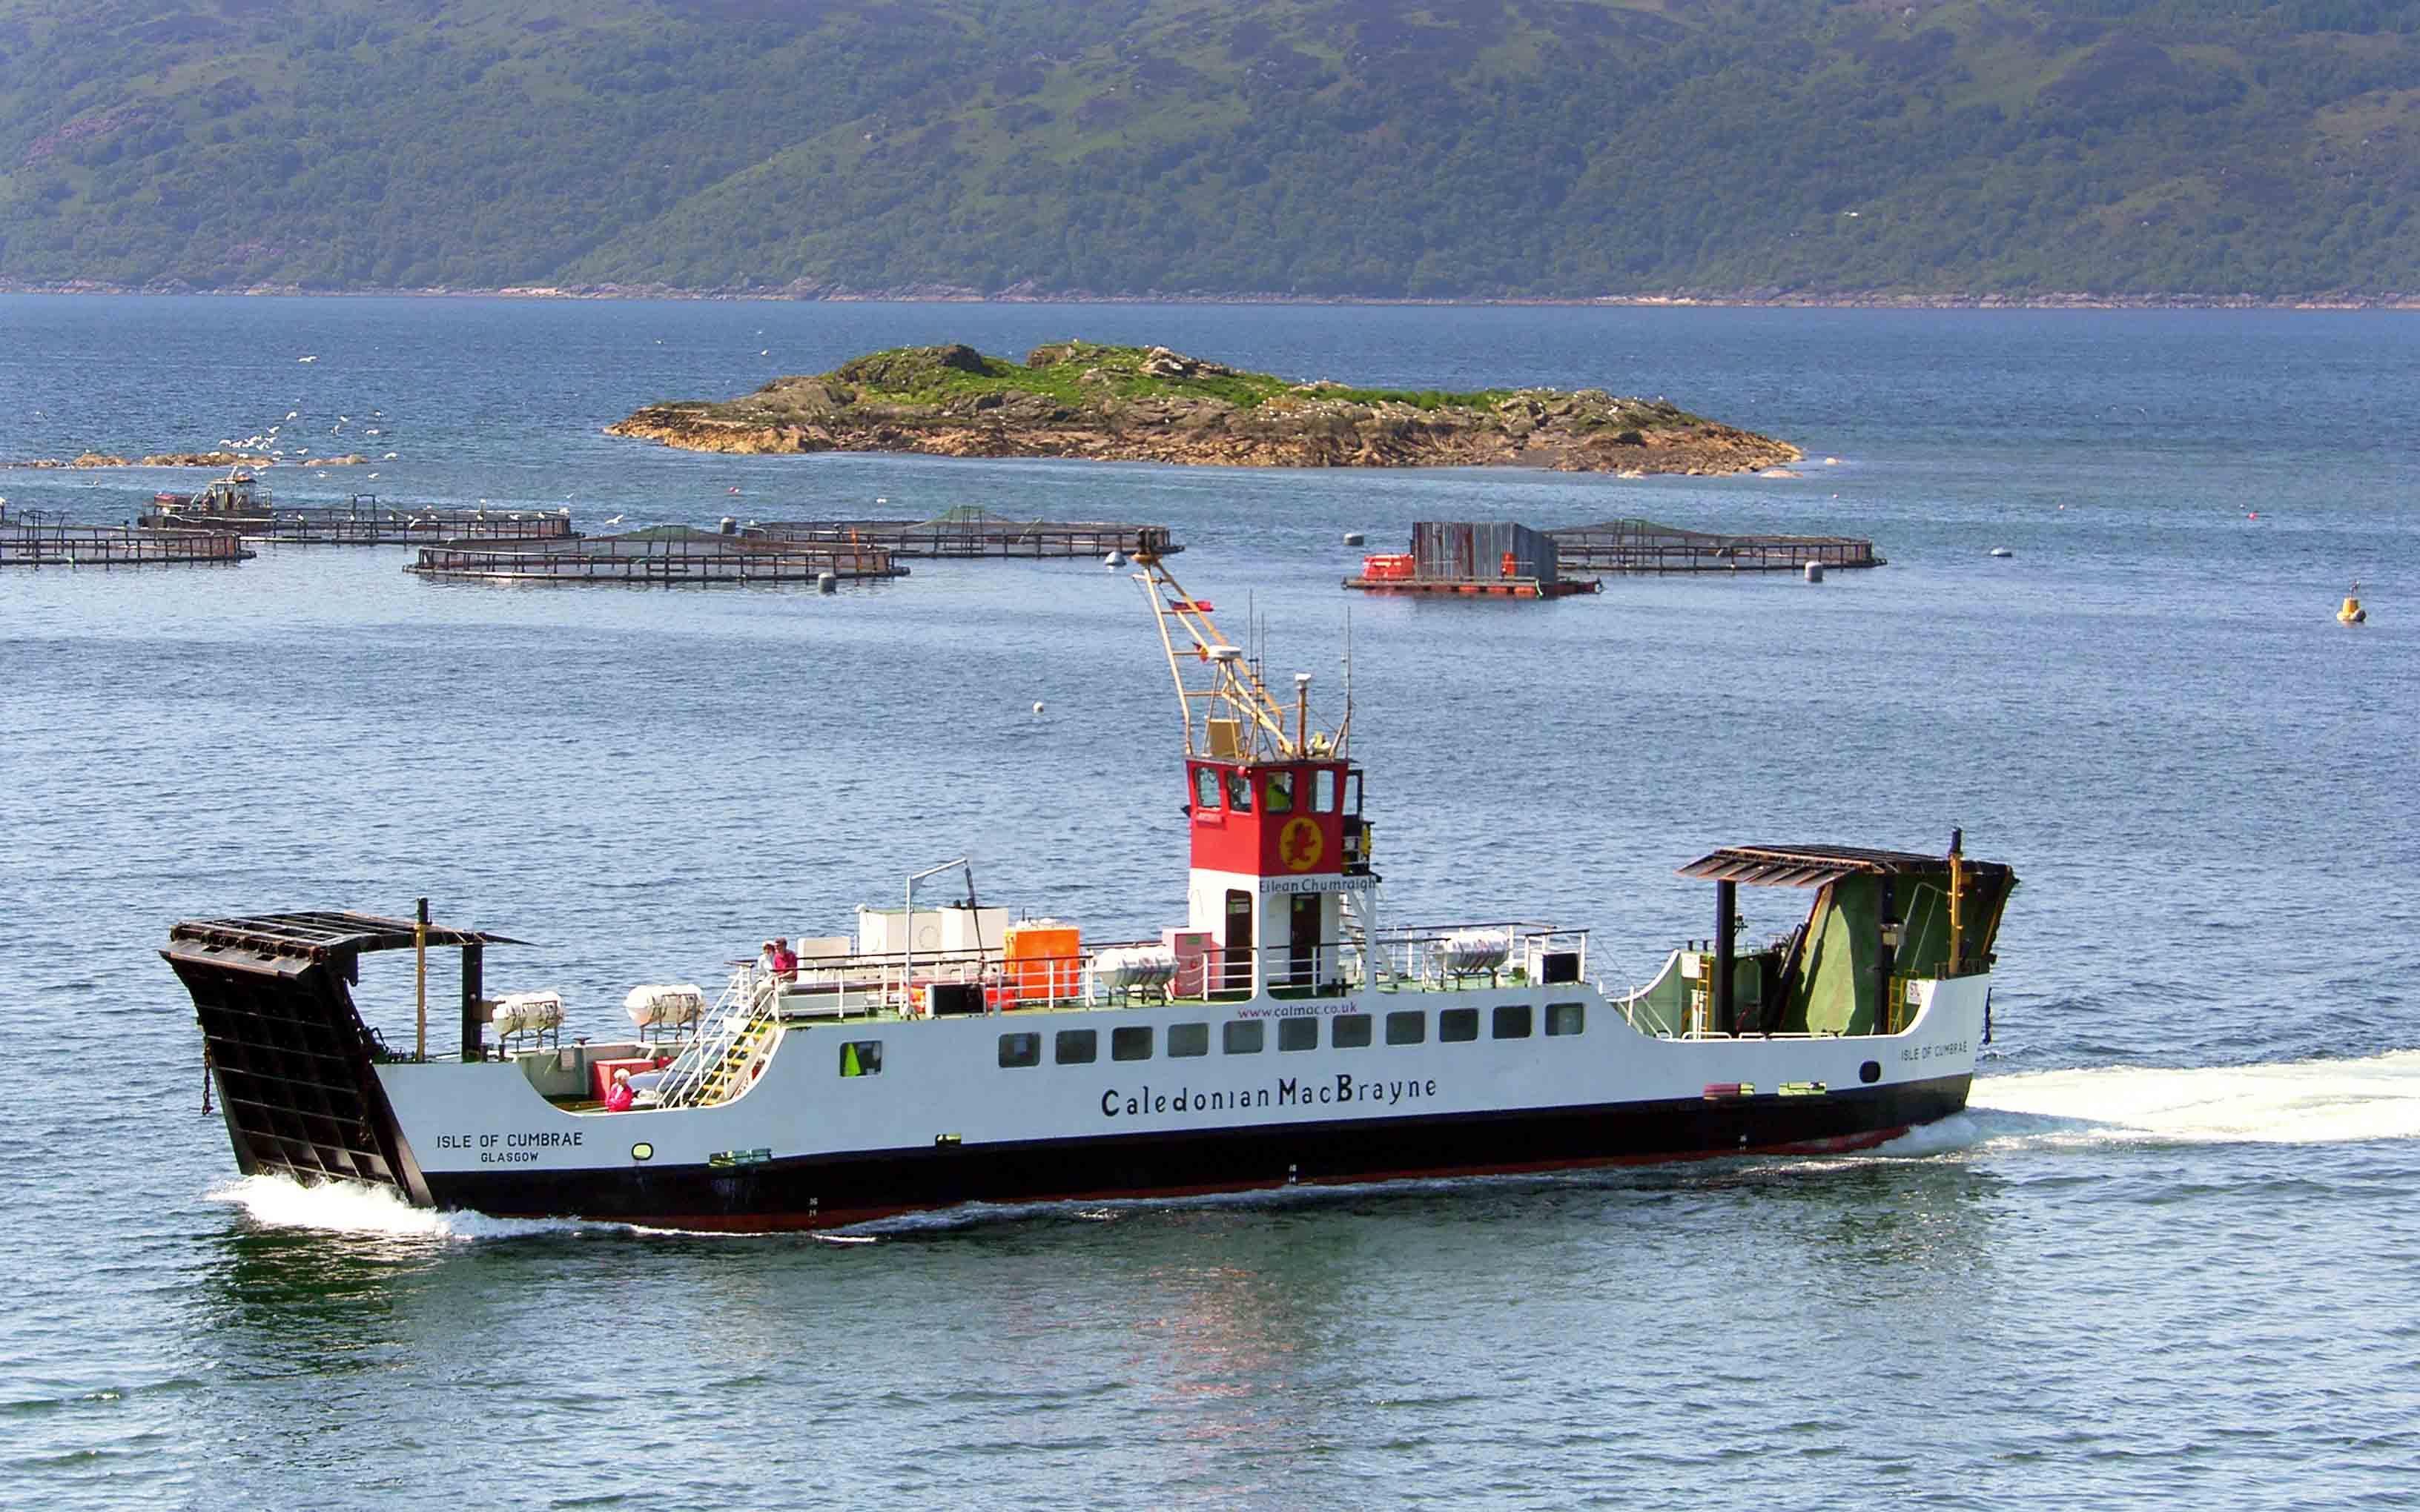 Isle of Cumbrae